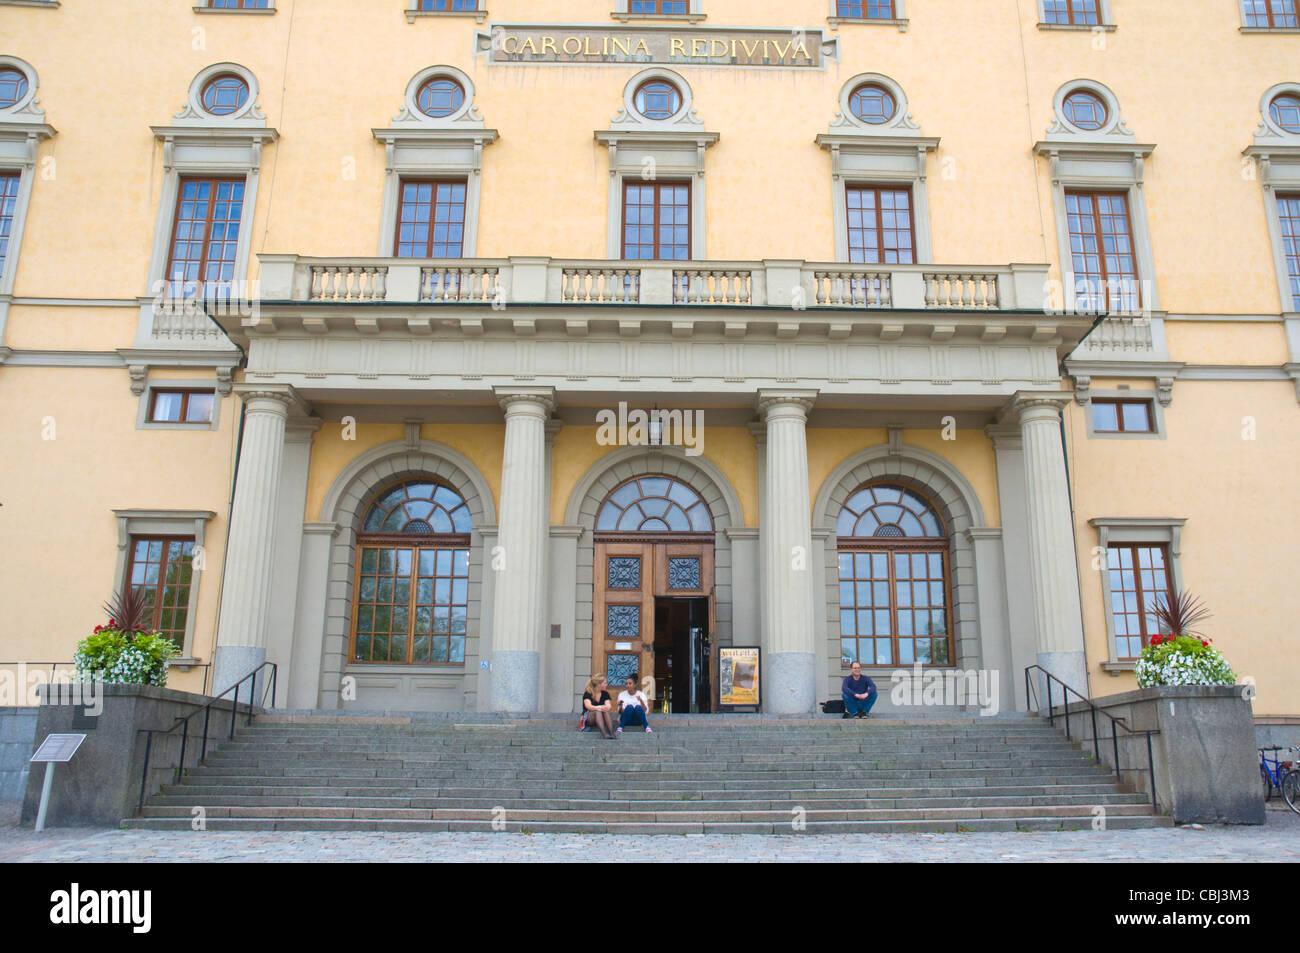 Carolina Rediviva (1841) la biblioteca de la universidad de la ciudad de Uppsala exterior Svealand Provincia Europa Suecia Foto de stock